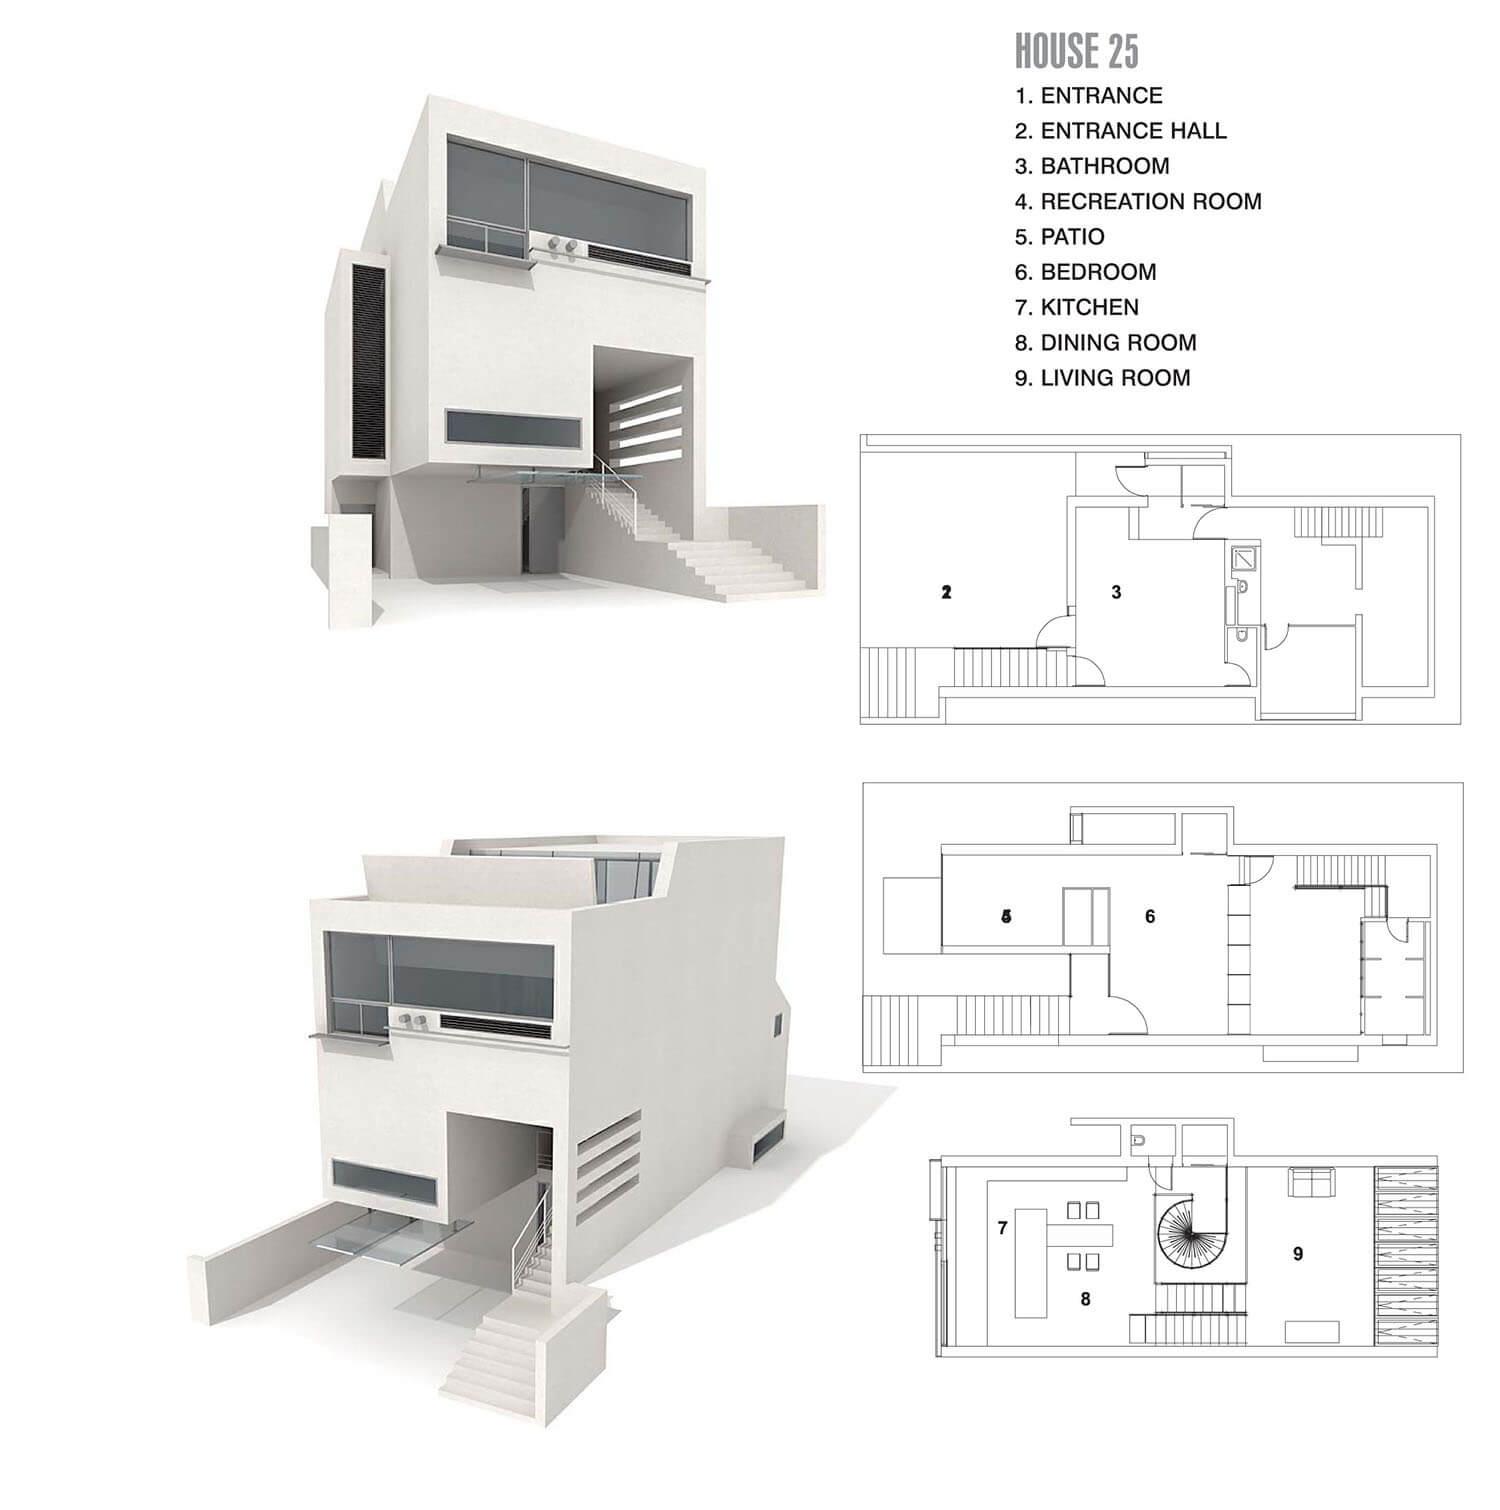 Ngôi nhà mặt phố với hình dáng biến hóa linh hoạt, như trò chơi xếp hình logo